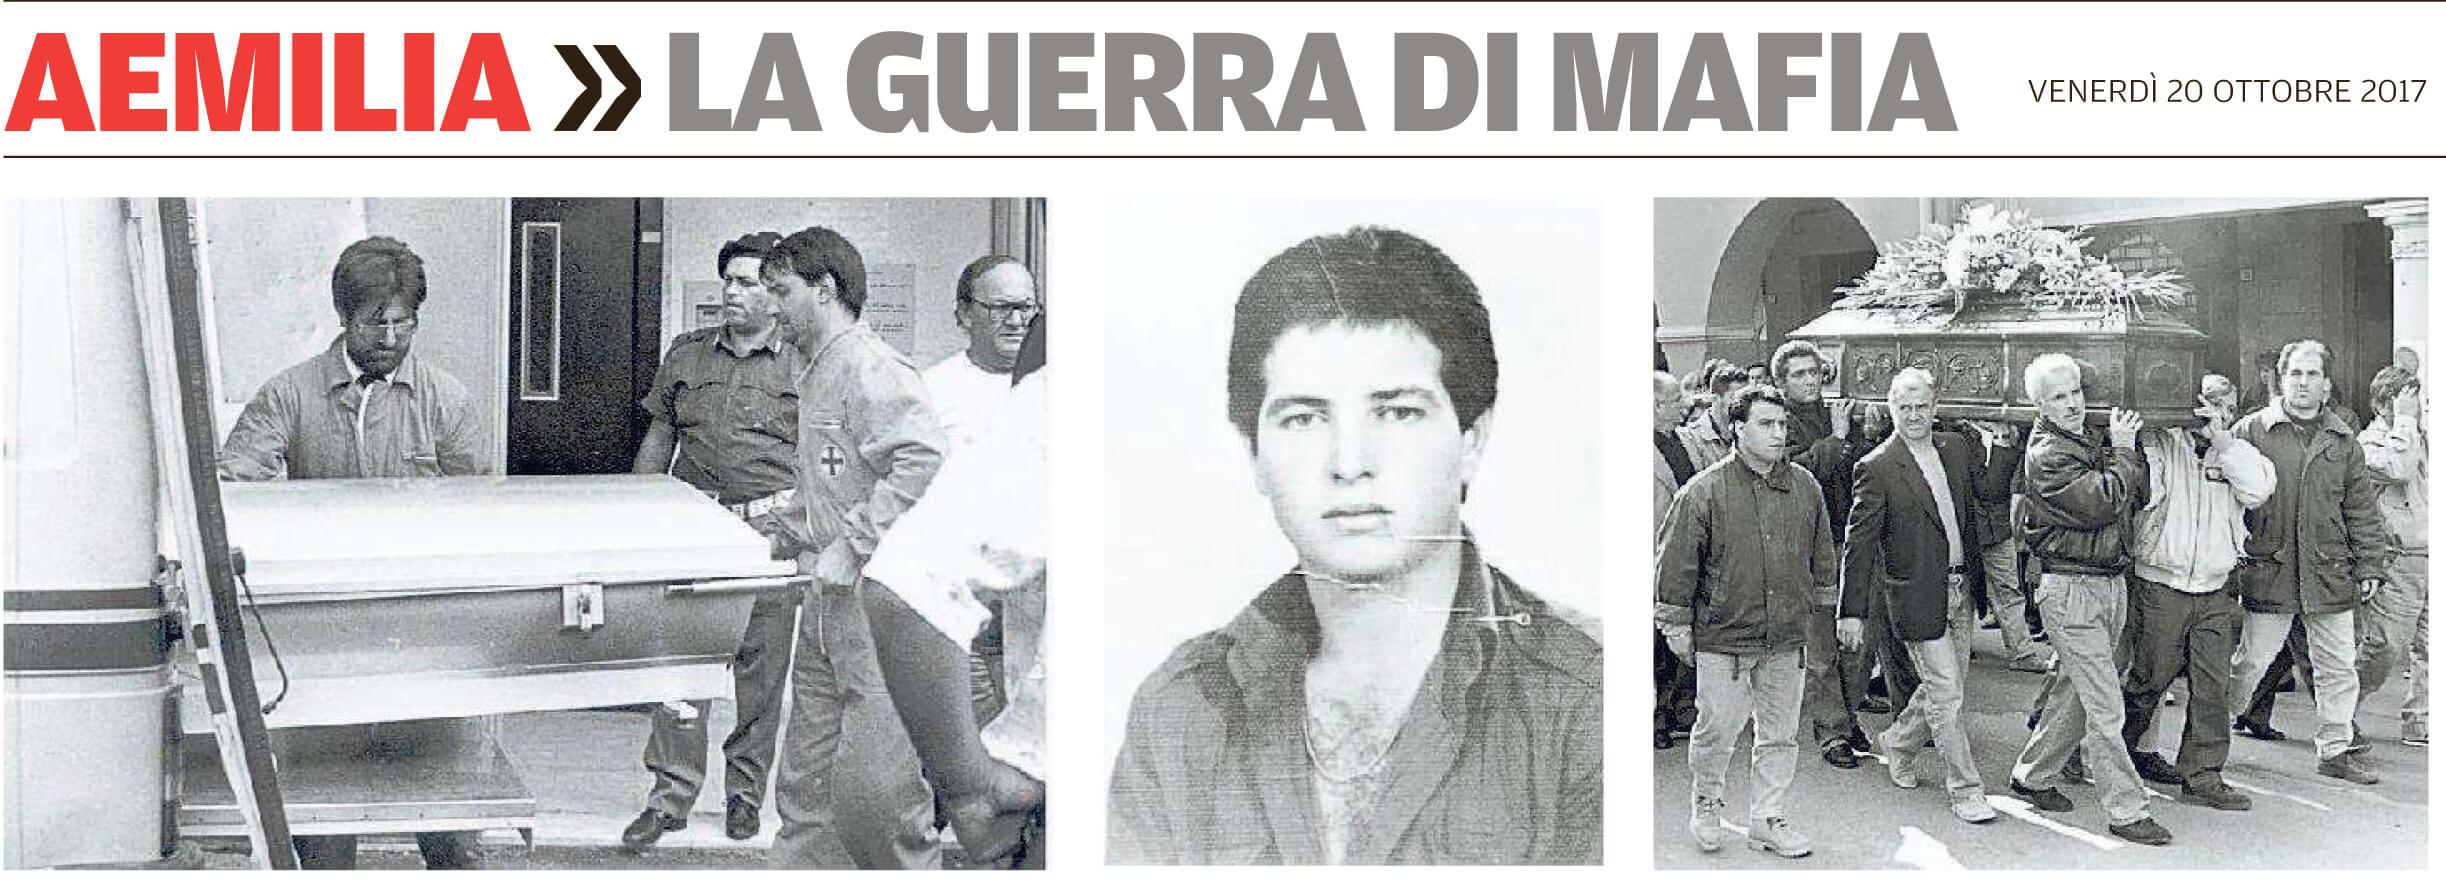 Guerra di mafia